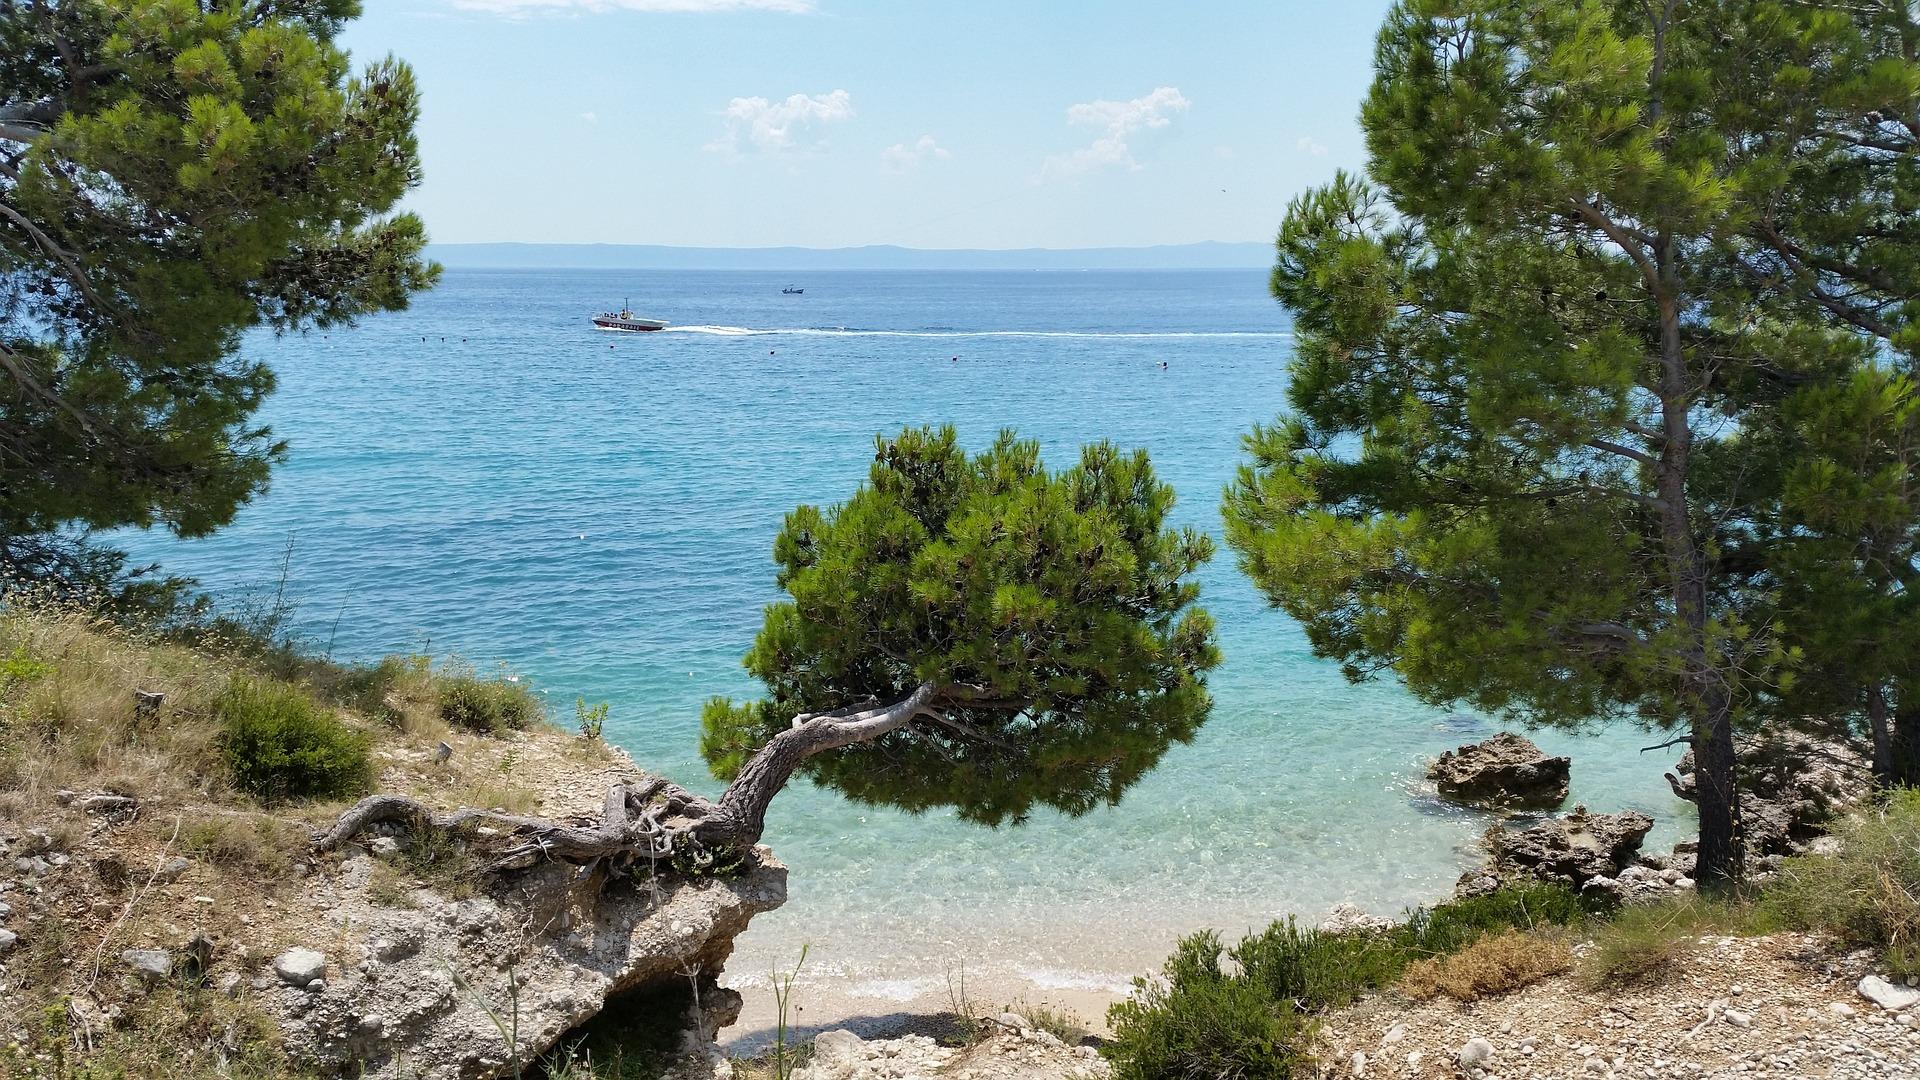 croatian-beach-683035_1920